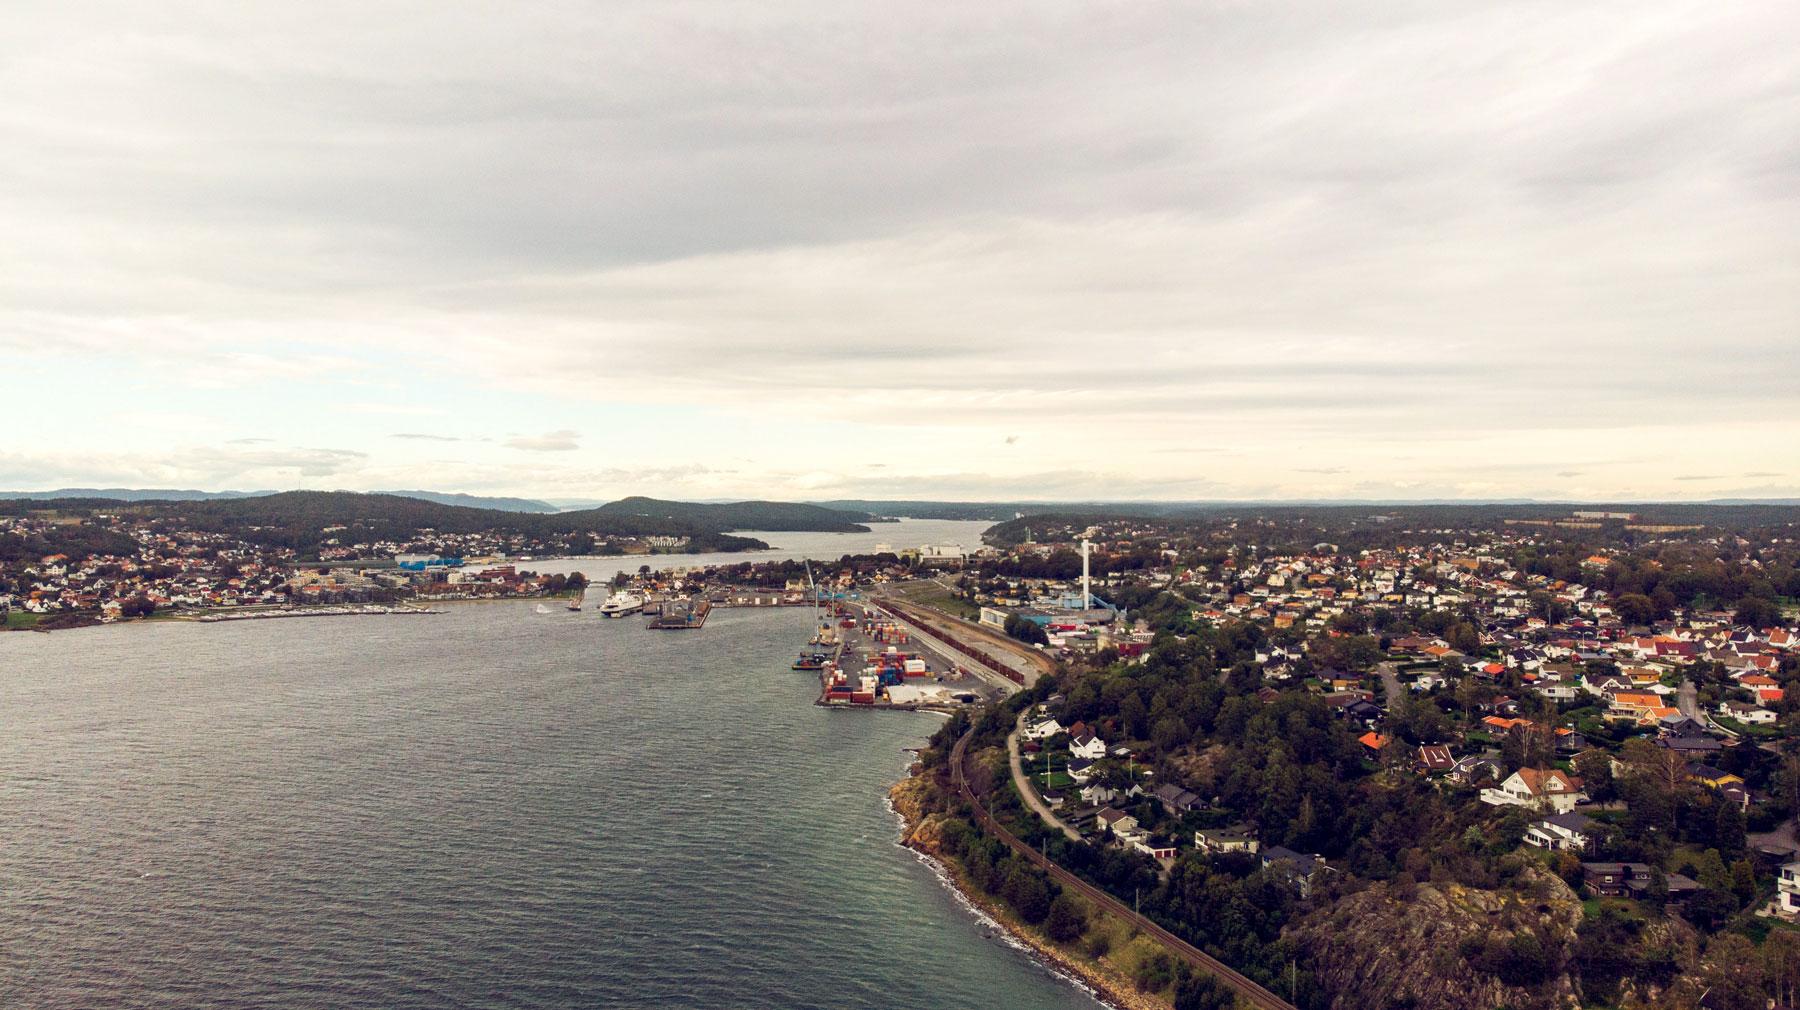 Moss havn merker også koronskrisen